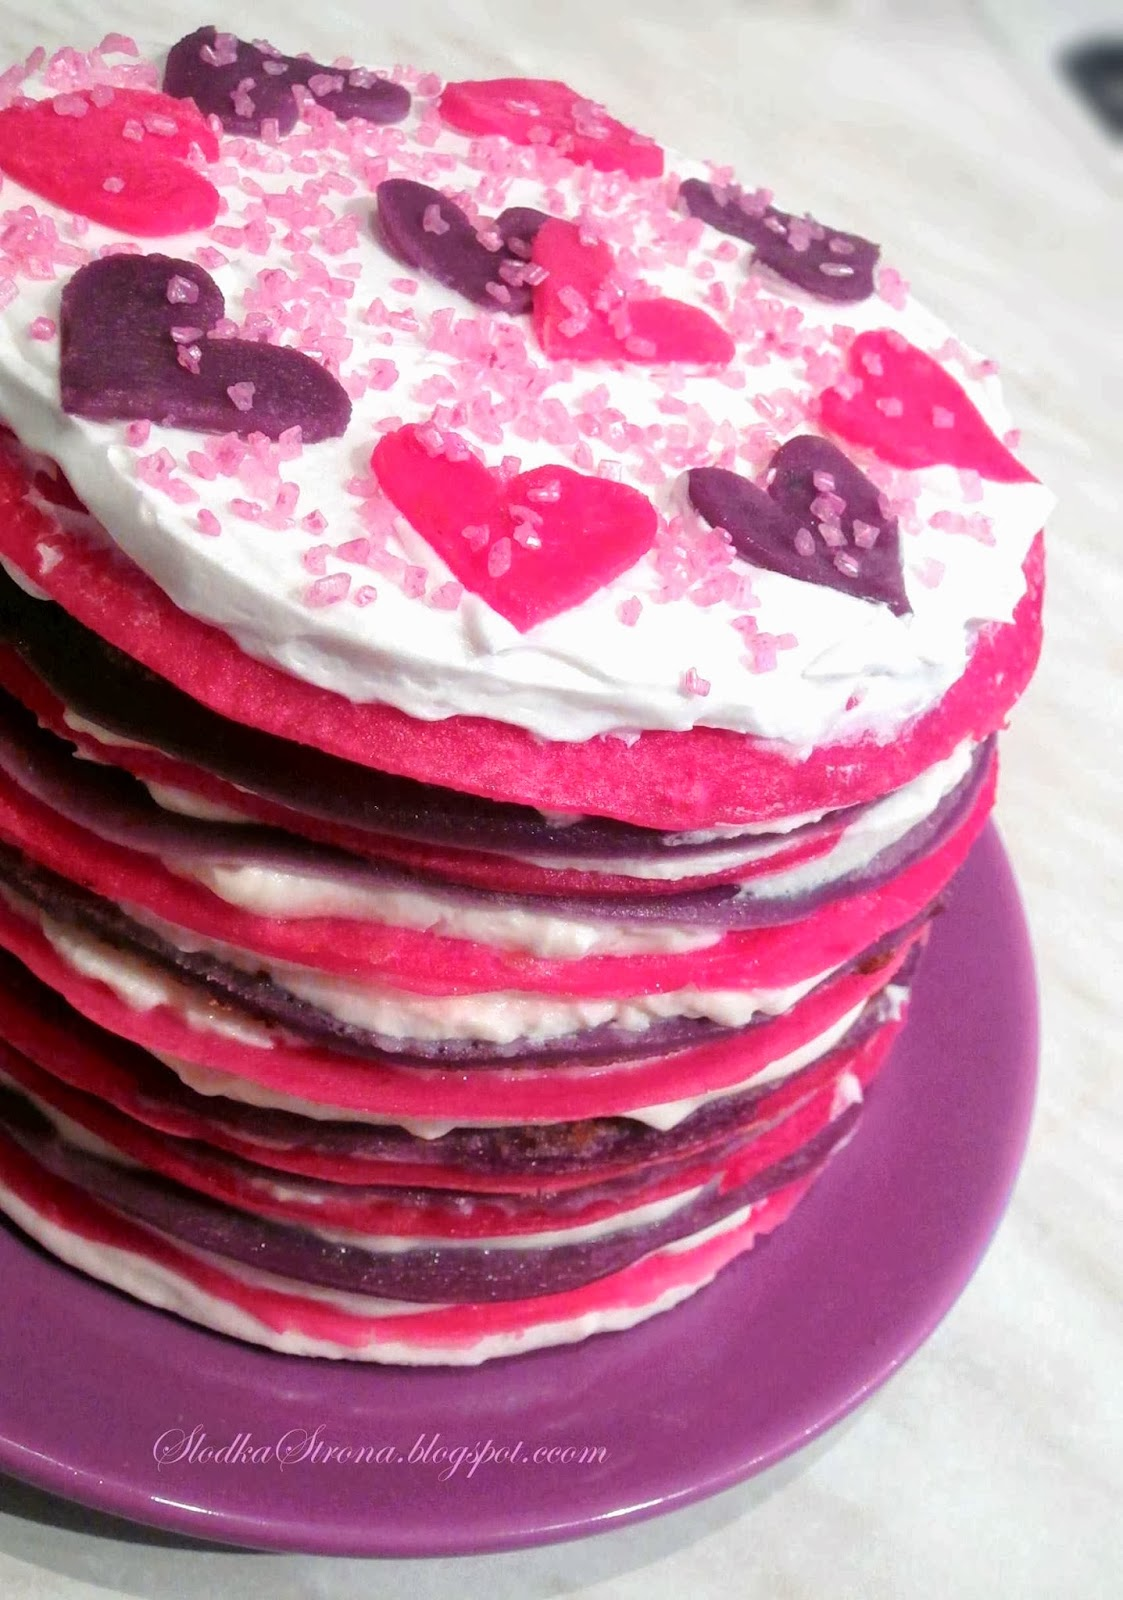 Tort Naleśnikowy na Walentynki - Przepis - Słodka Strona